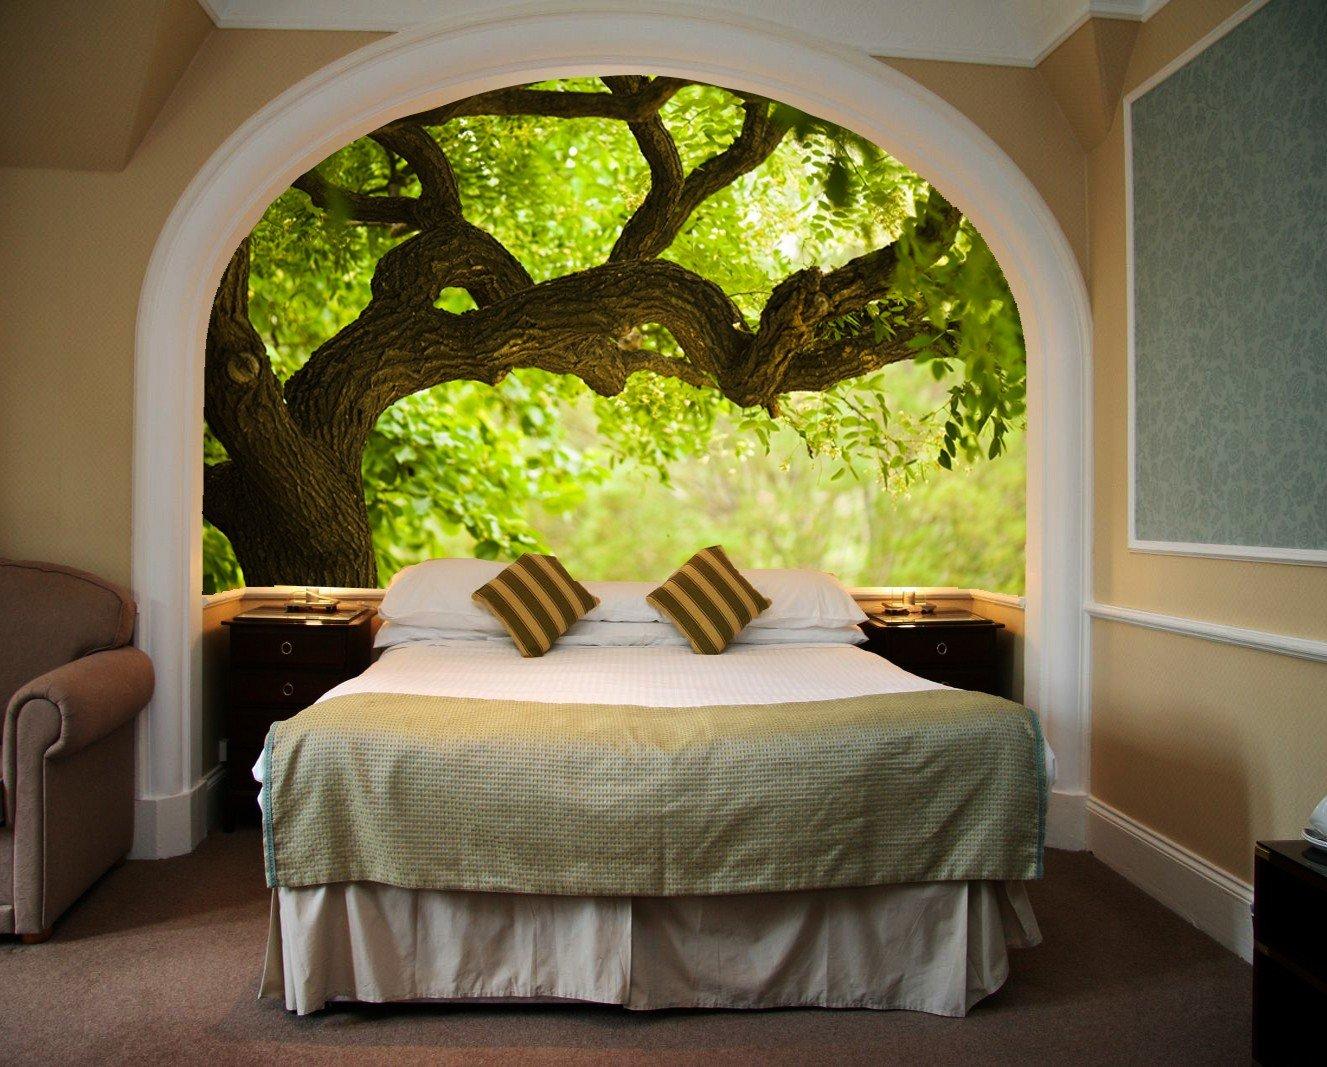 Спальня без окна 46 фото дизайн интерьера глухой спальни вентиляция темной комнаты отзывы